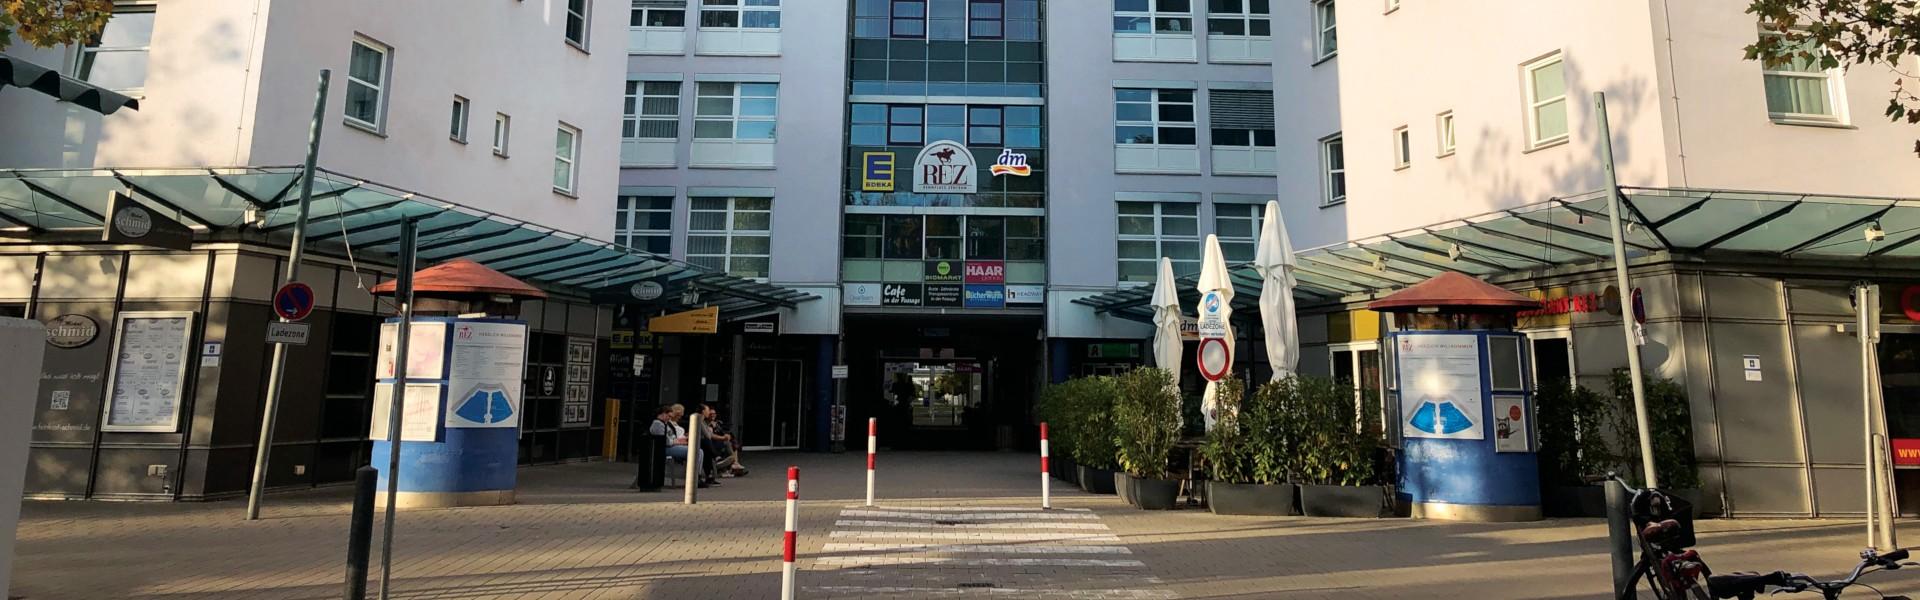 gprennplatz_1920x600_header_04